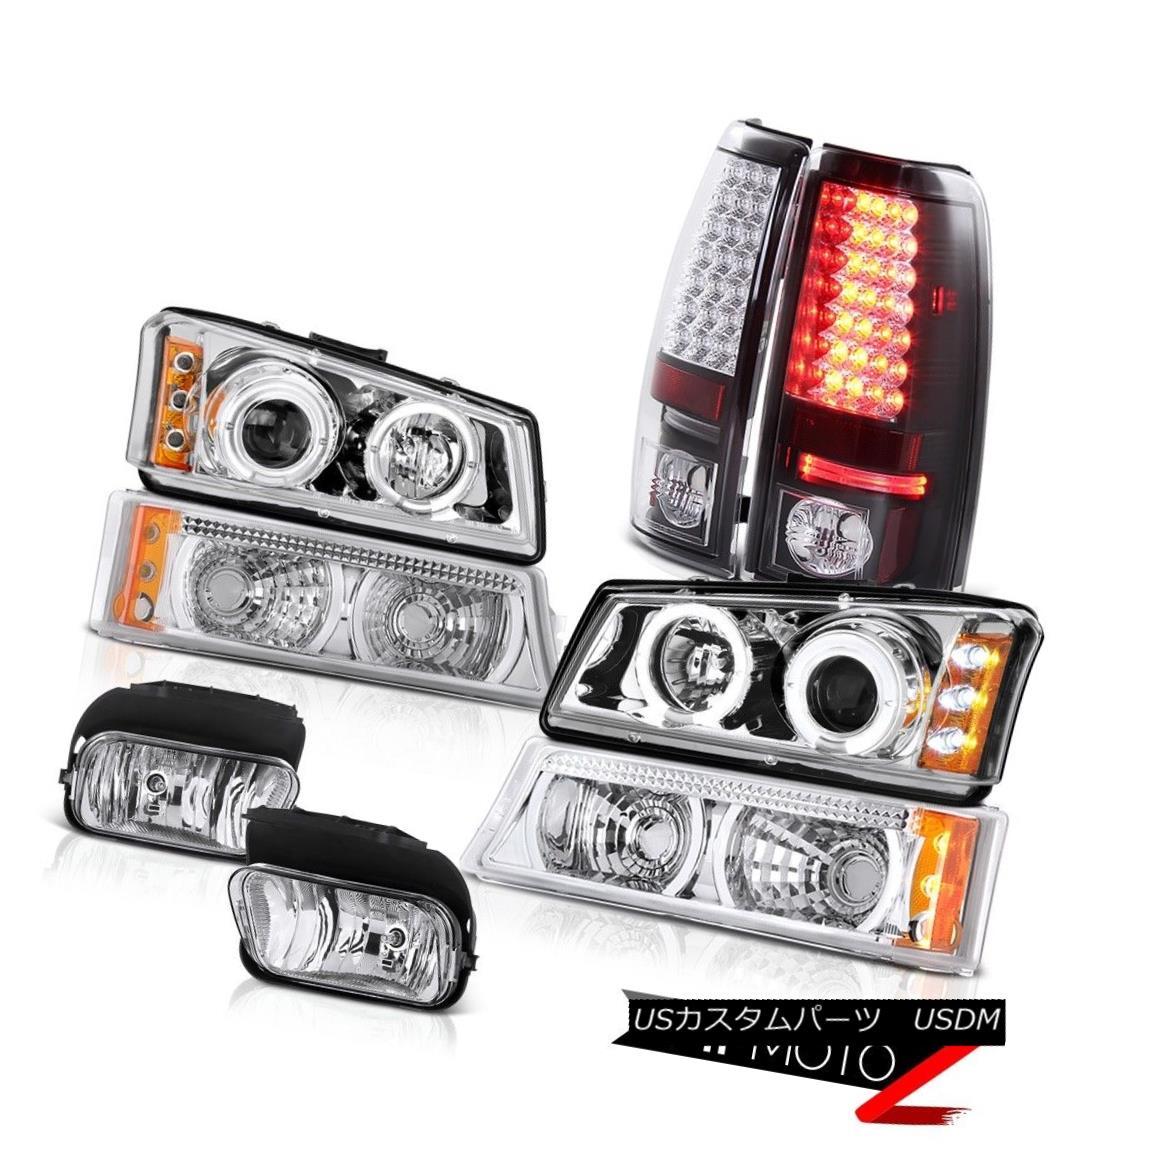 テールライト Angel Eye Projector Parking Brake Lights Driving Foglamp 2003 2004 Silverado エンジェルアイプロジェクターパーキングブレーキライトFoglamp 2003 2004 Silverado